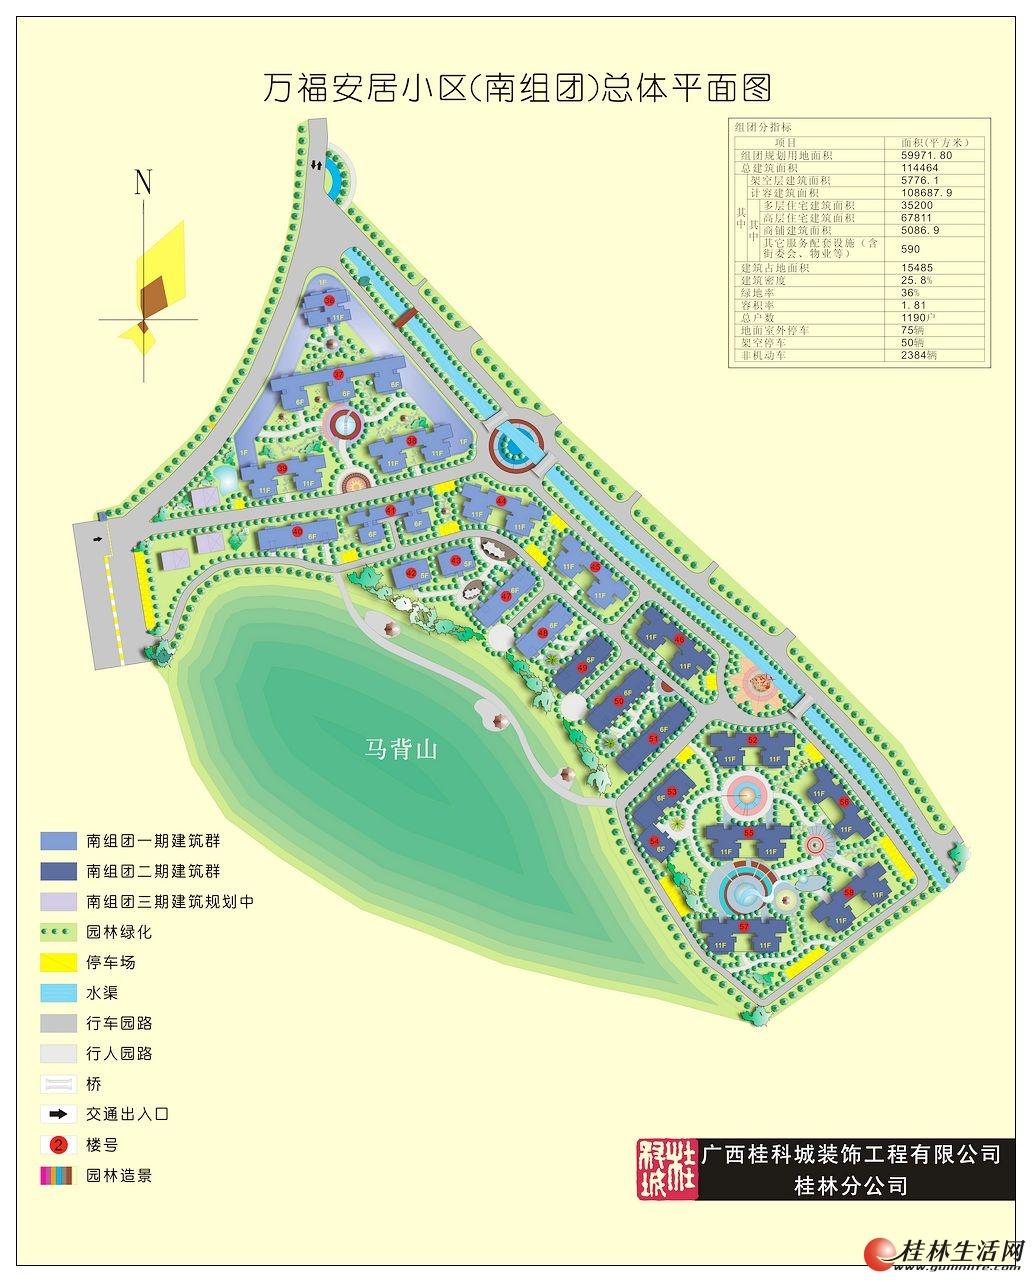 万福安居小区(南组团)总体平面图